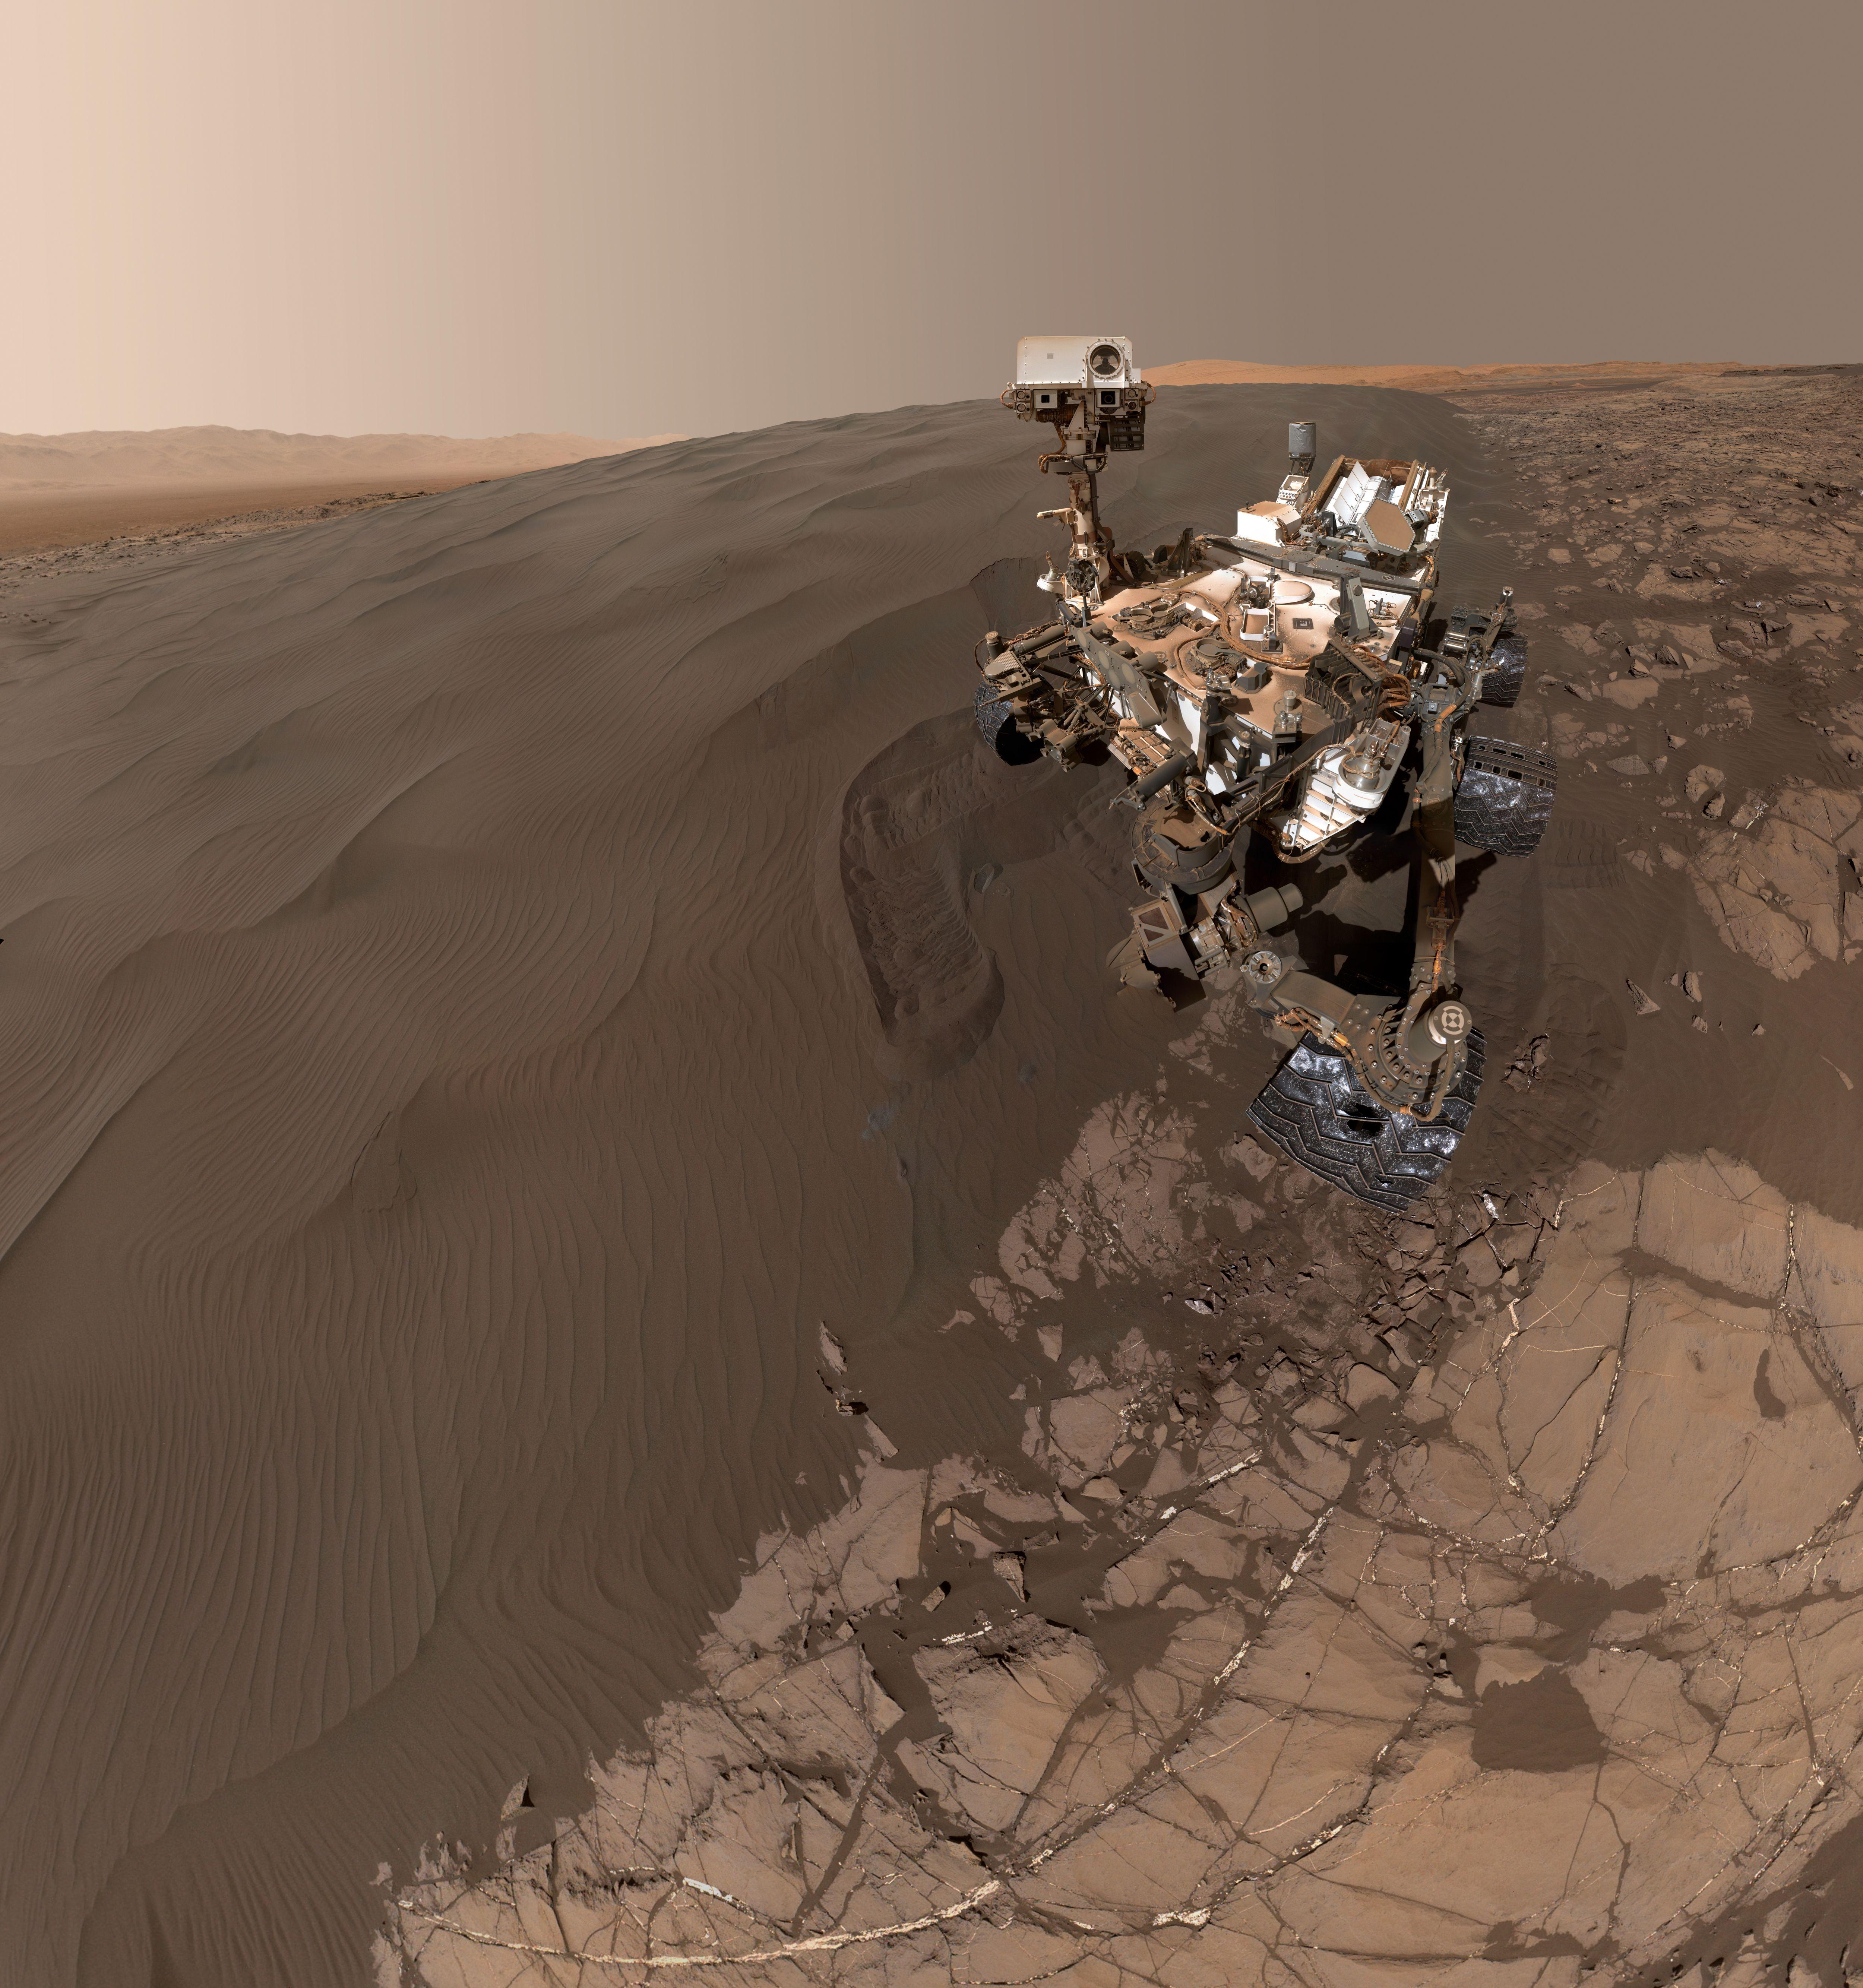 La moda dei Selfie invade il sistema solare ;)  #curiosity su Marte pochi giorni fa